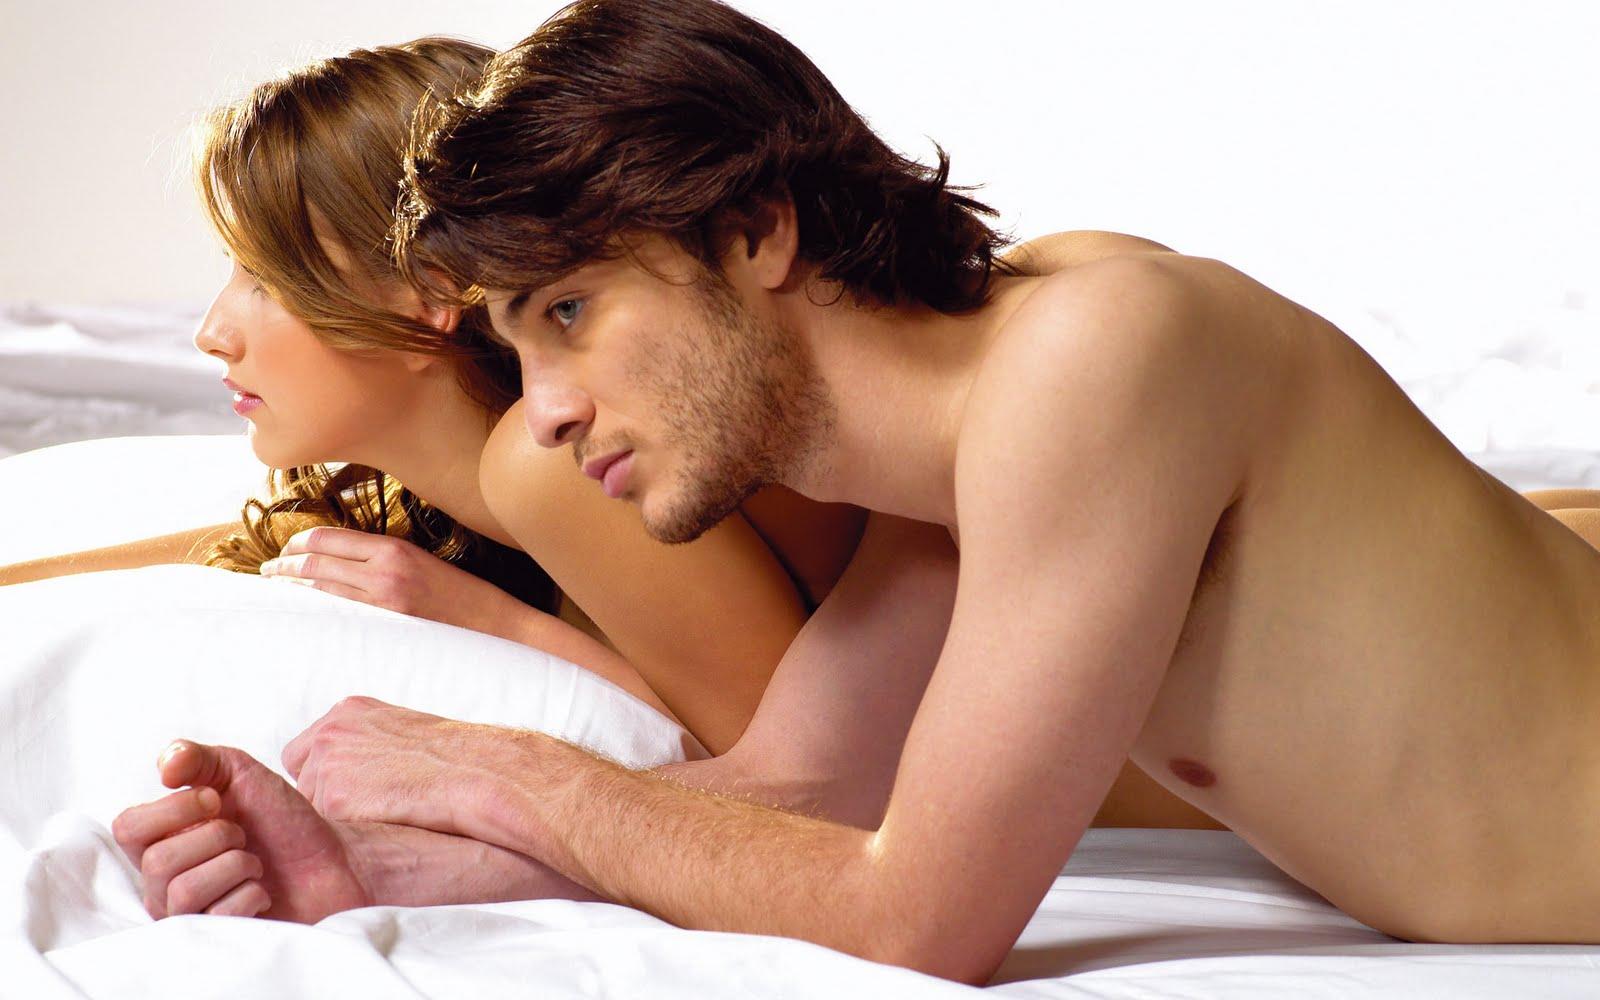 Что сильно поднимает потенцию у мужчин перед сексом 12 фотография